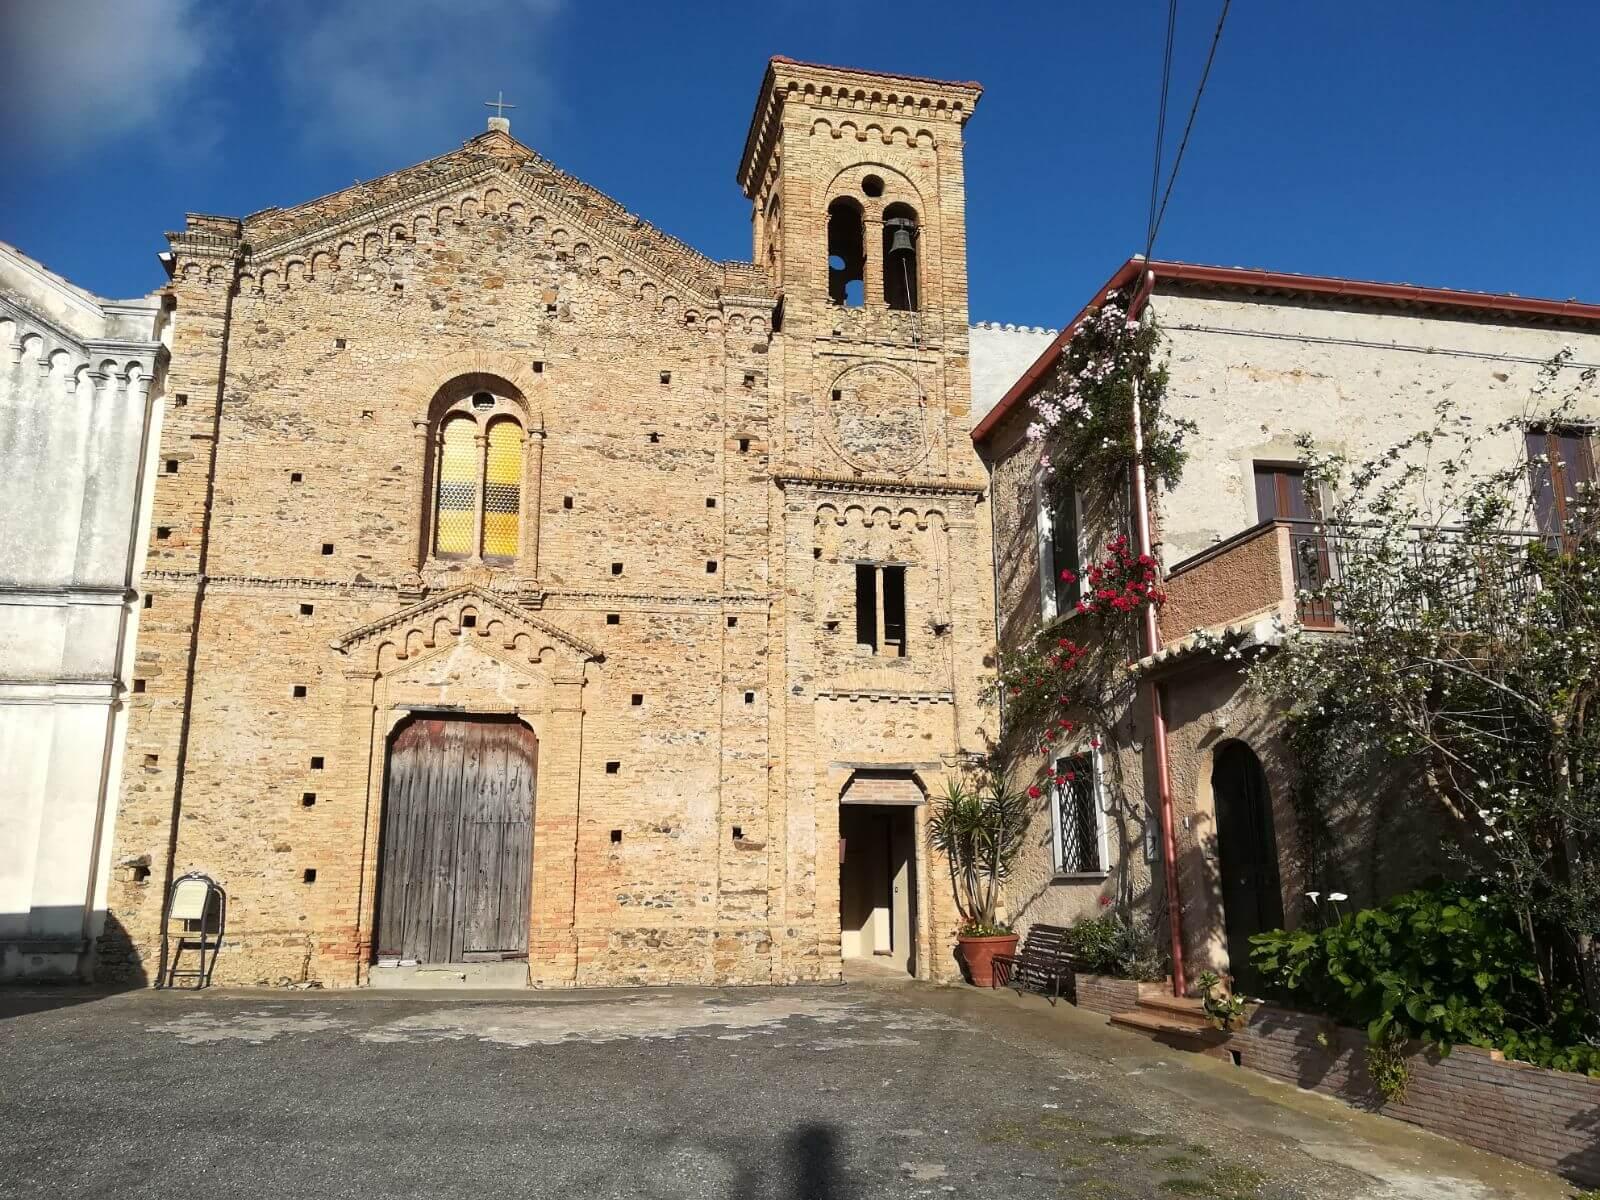 festa rumena convento Belmonte-LameziaTermeit